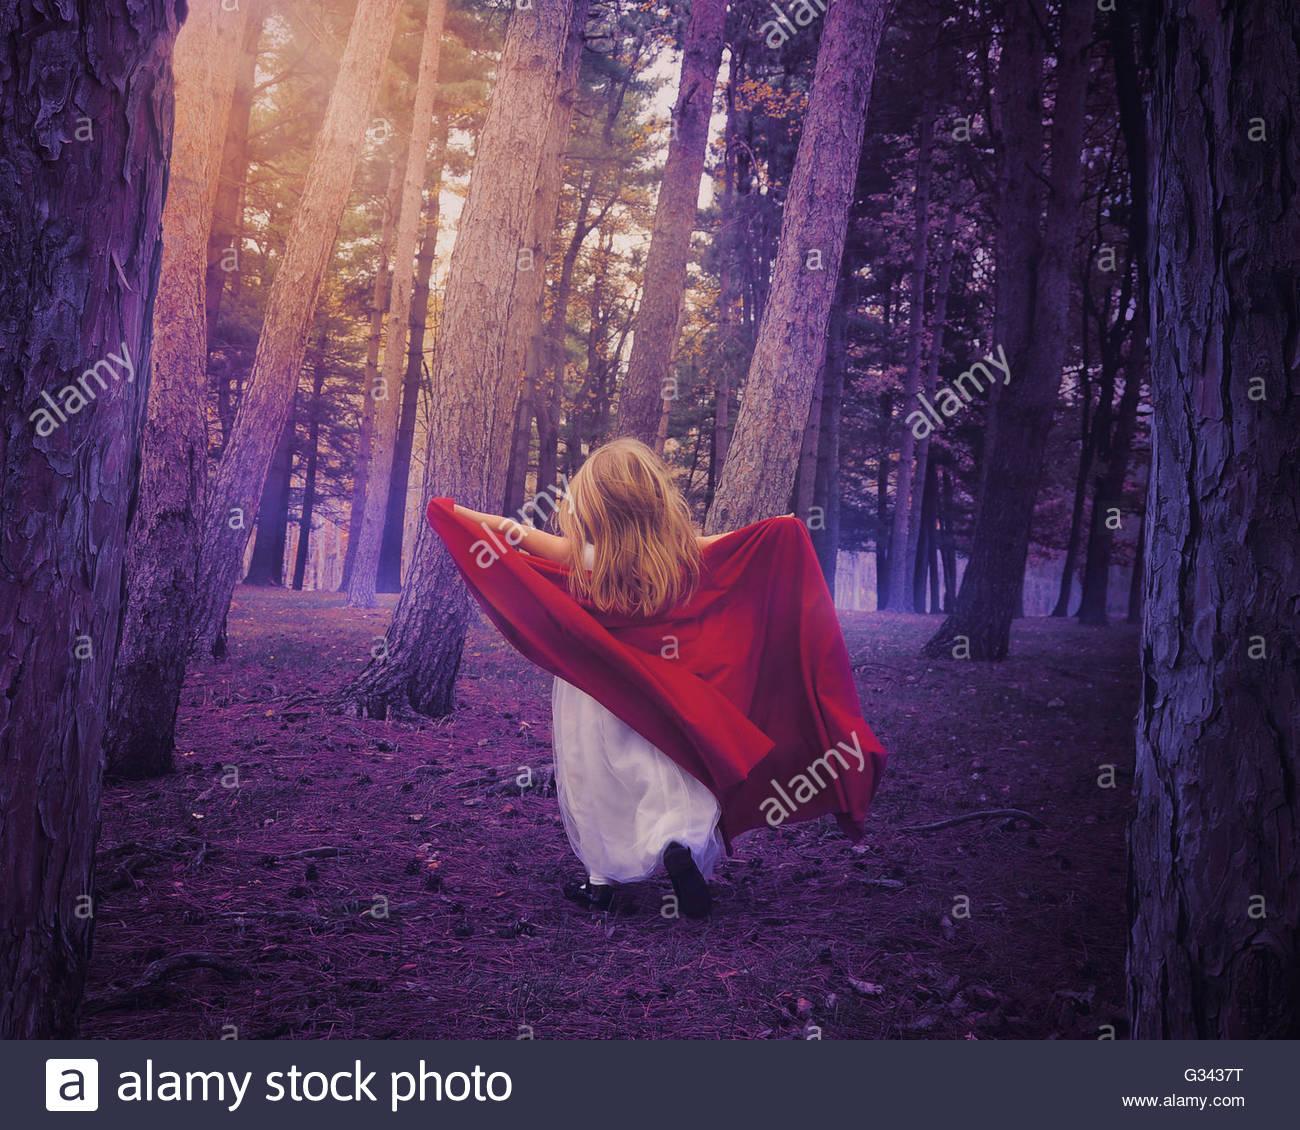 Una niña que llevaba un vestido blanco y capote rojo girando en el bosque con un cuento de hadas surrealista Imagen De Stock